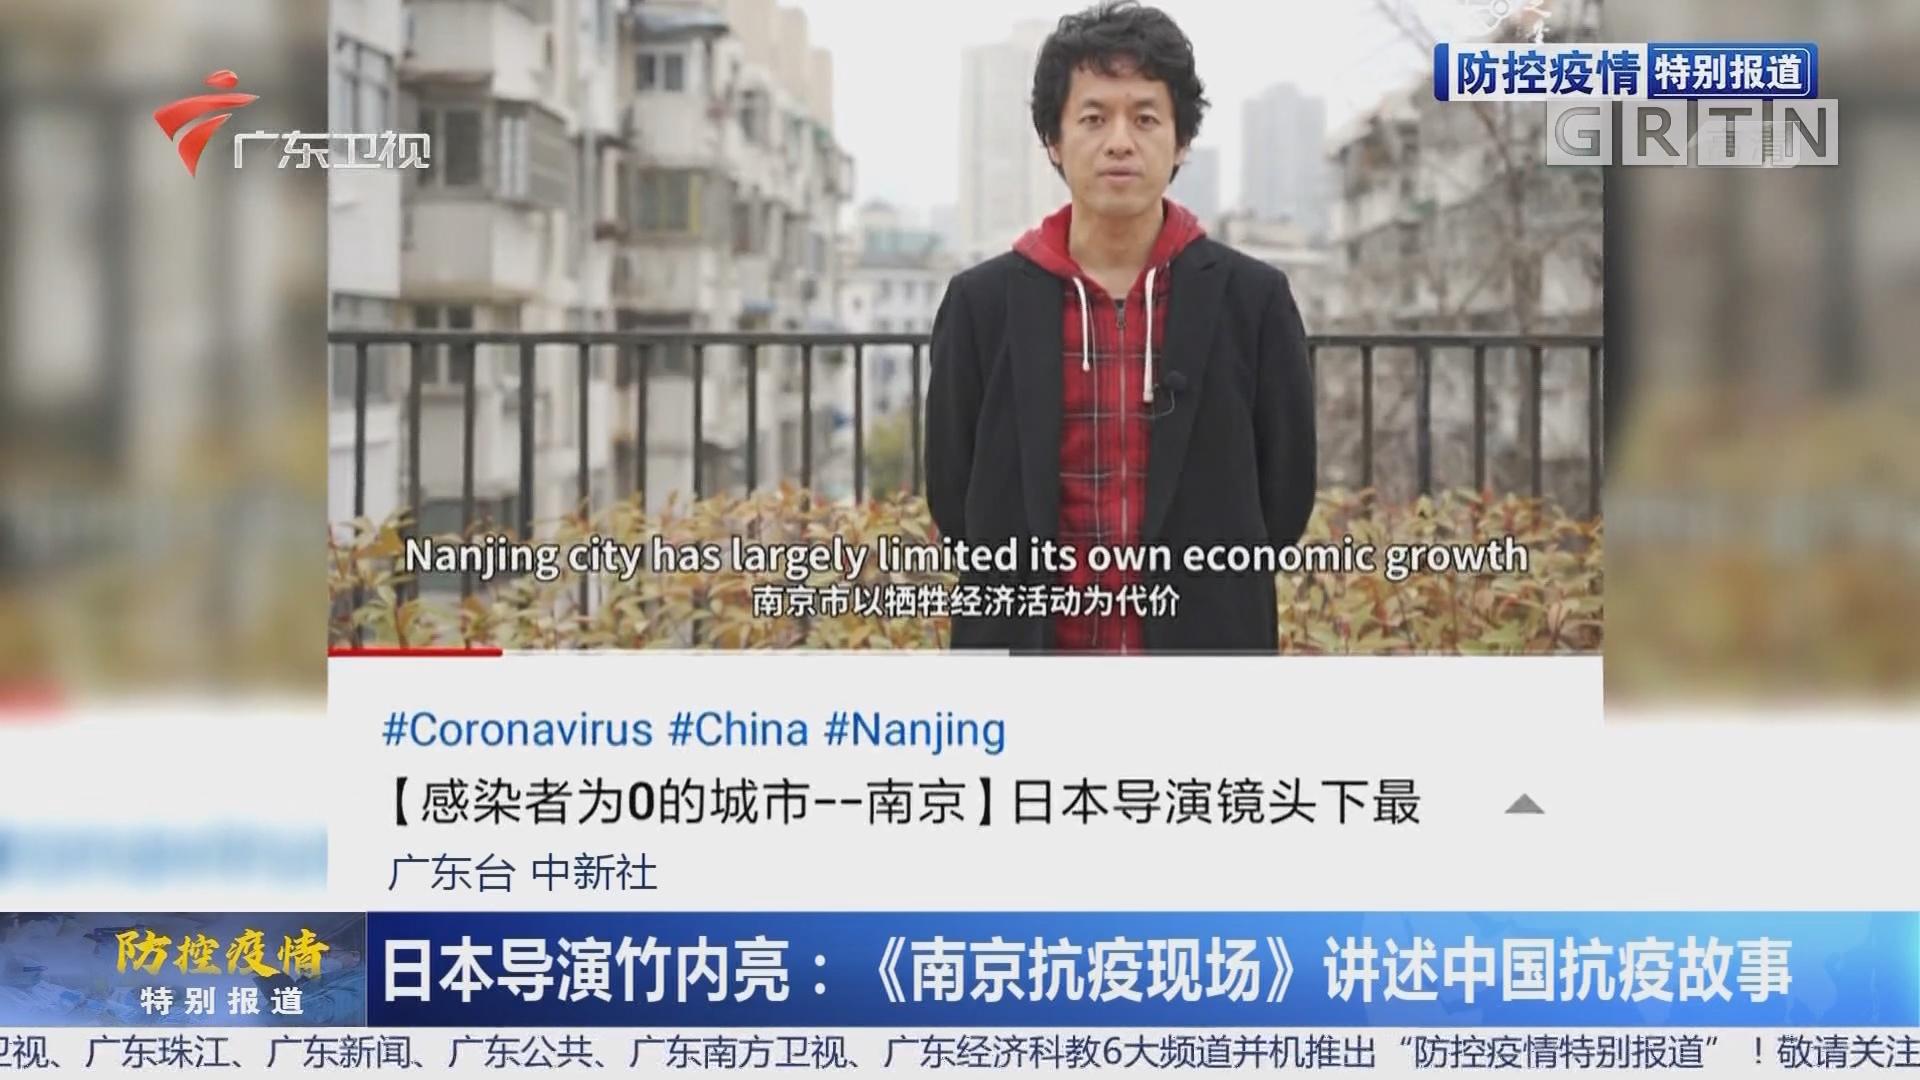 日本导演竹内亮:《南京抗疫现场》讲述中国抗疫故事